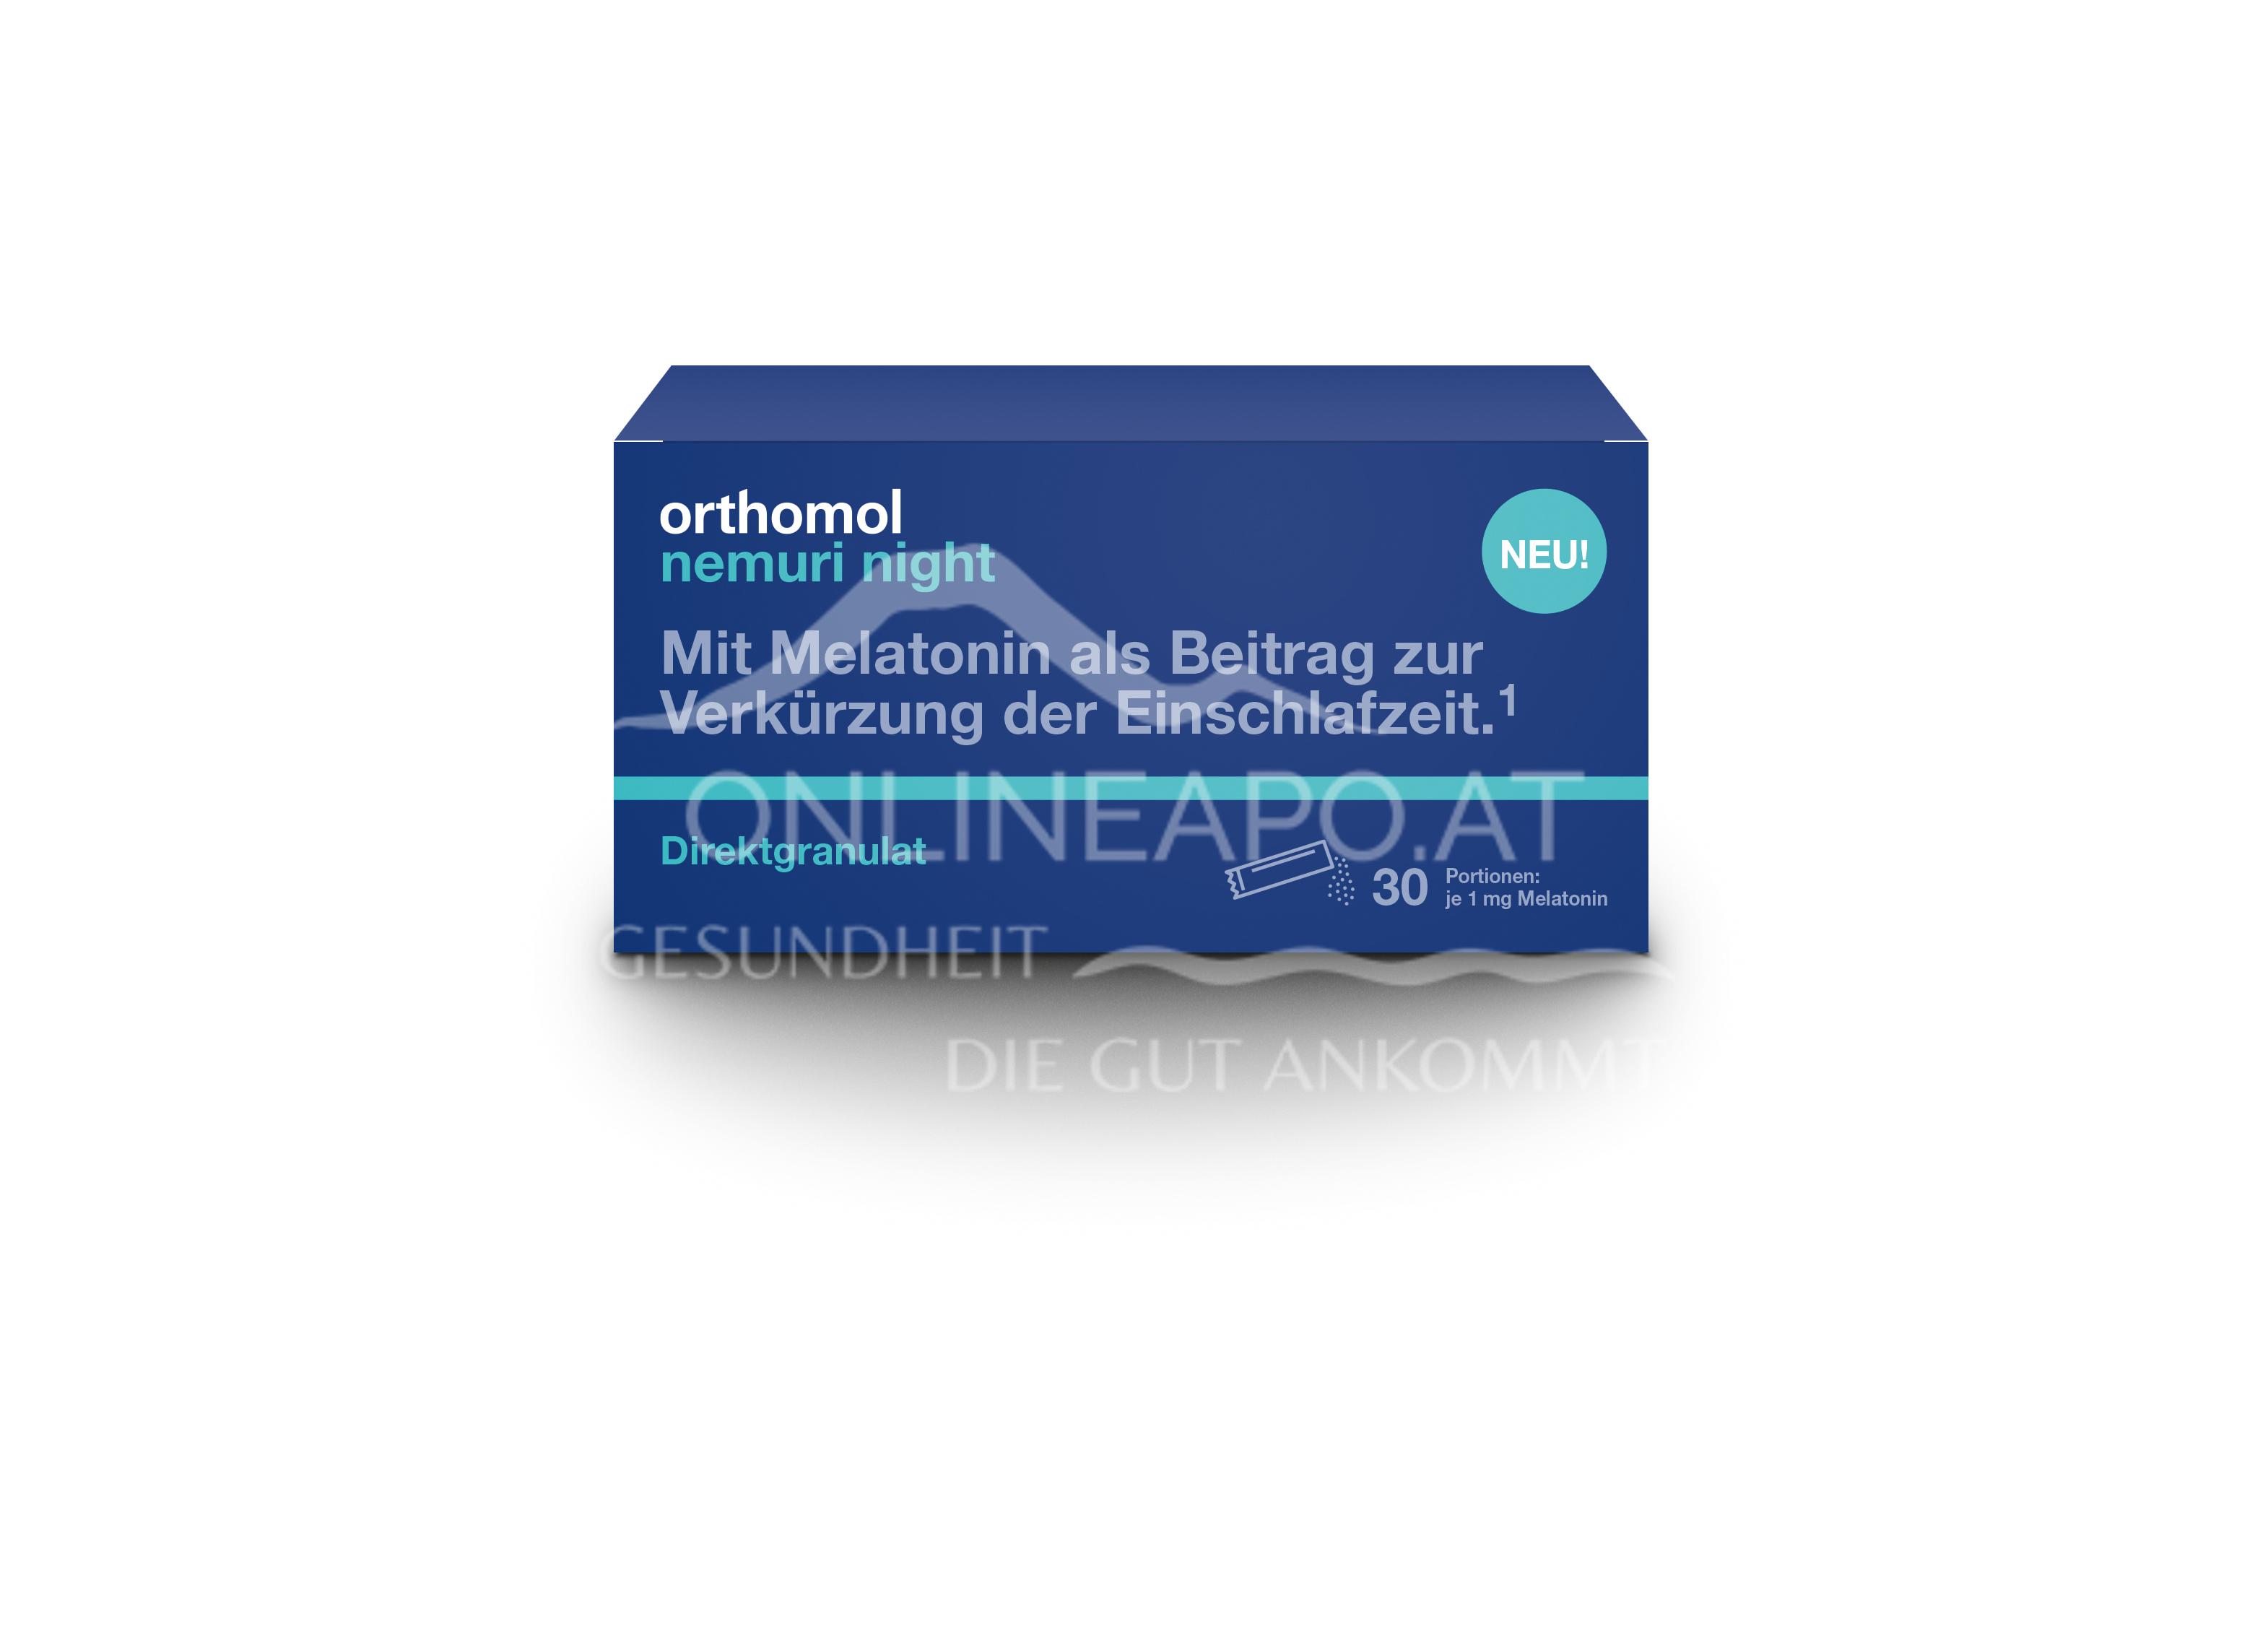 Orthomol Nemuri night Direktgranulat